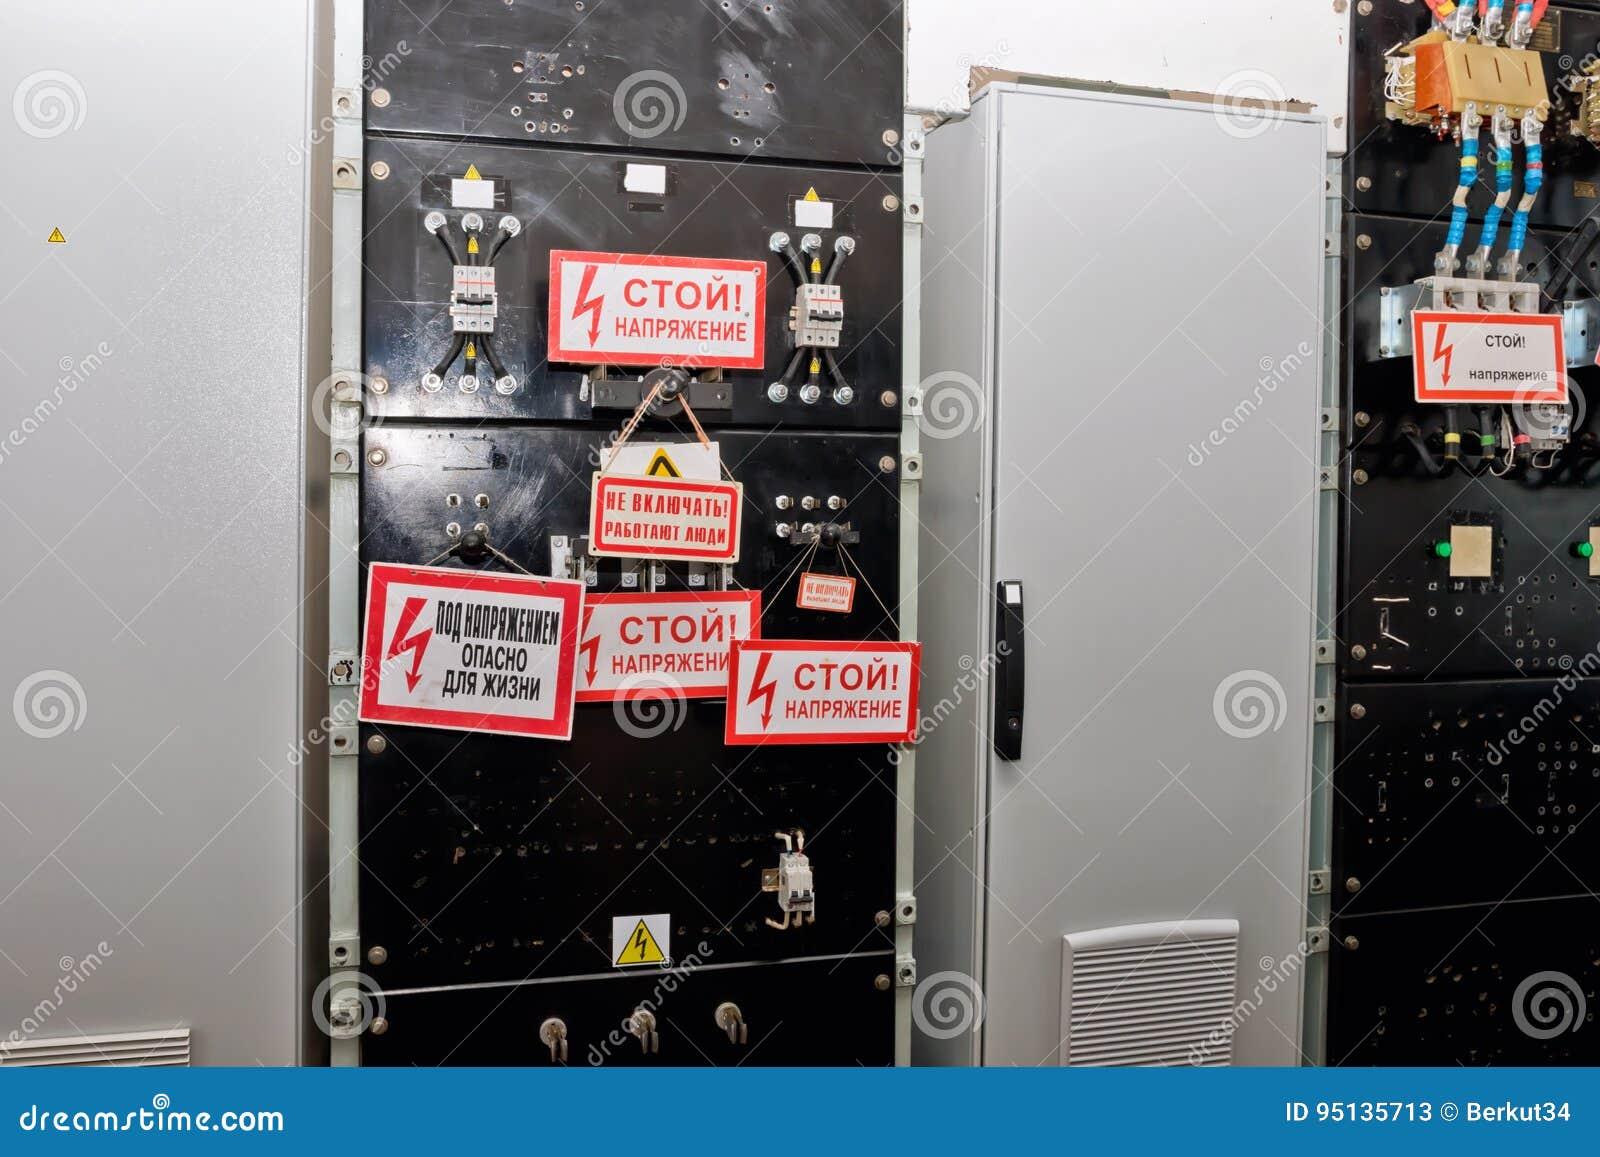 Comité controle elektroapparaten met schakelaars en waarschuwingsborden